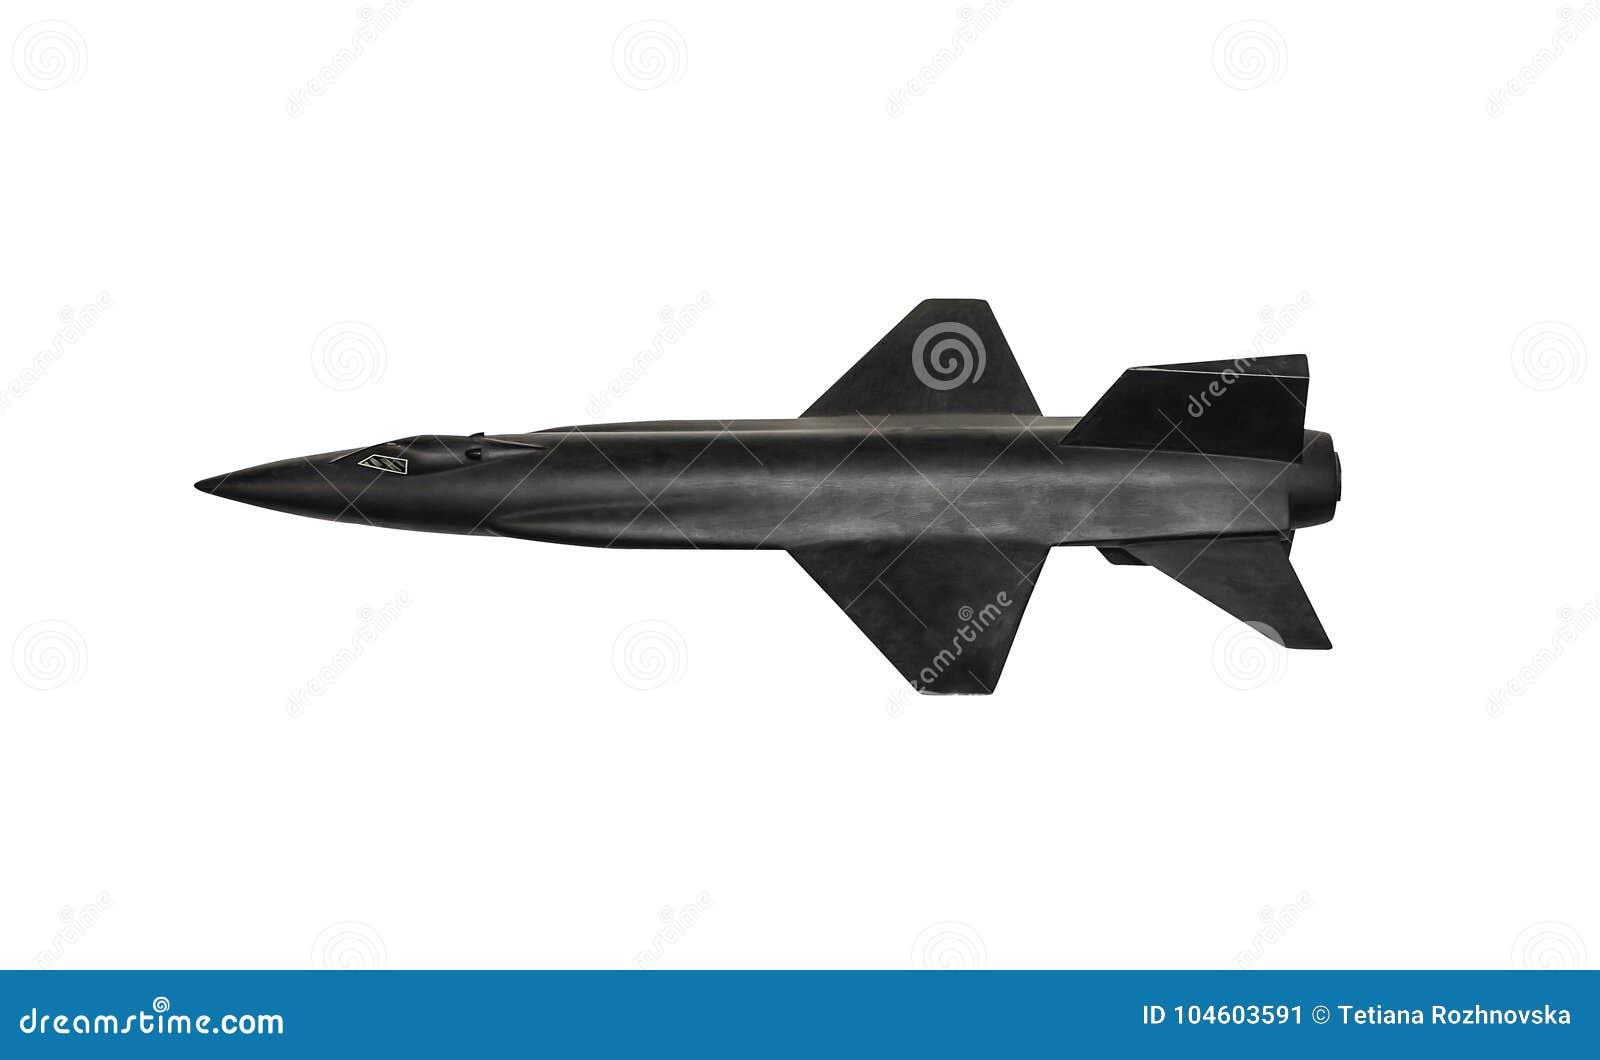 Modelo de um foguete militar em um fundo branco